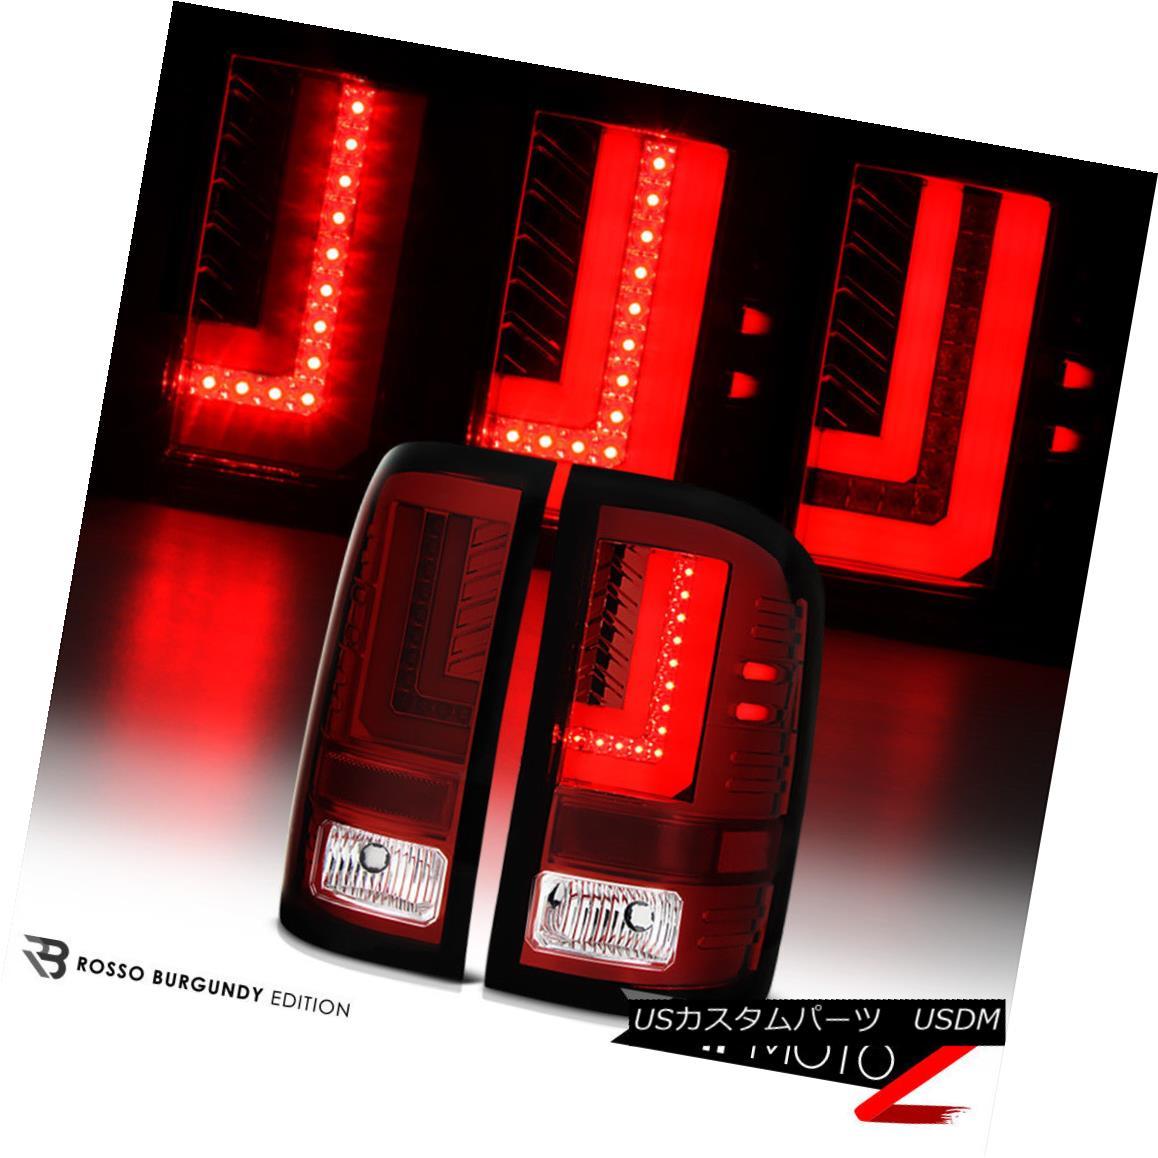 テールライト [ROSSO BURGUNDY] 2014-2016 GMC Sierra Smoke RED LED SMD Rear Brake Tail Lights [ROSSO BURGUNDY] 2014-2016 GMC Sierra Smoke RED LED SMDリアブレーキテールライト